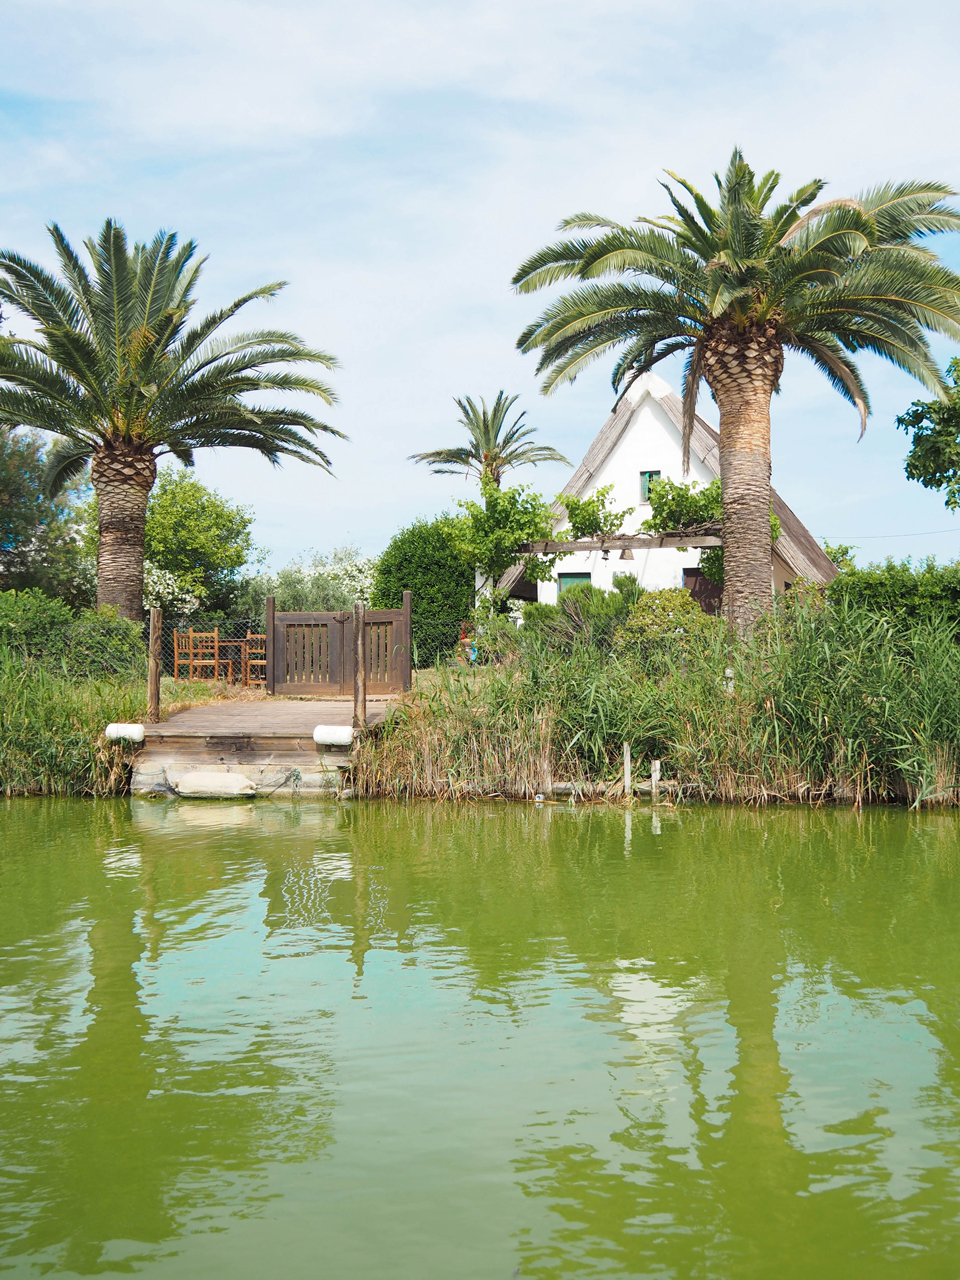 Voyage: Parc naturel de L'Albufera de Valencia